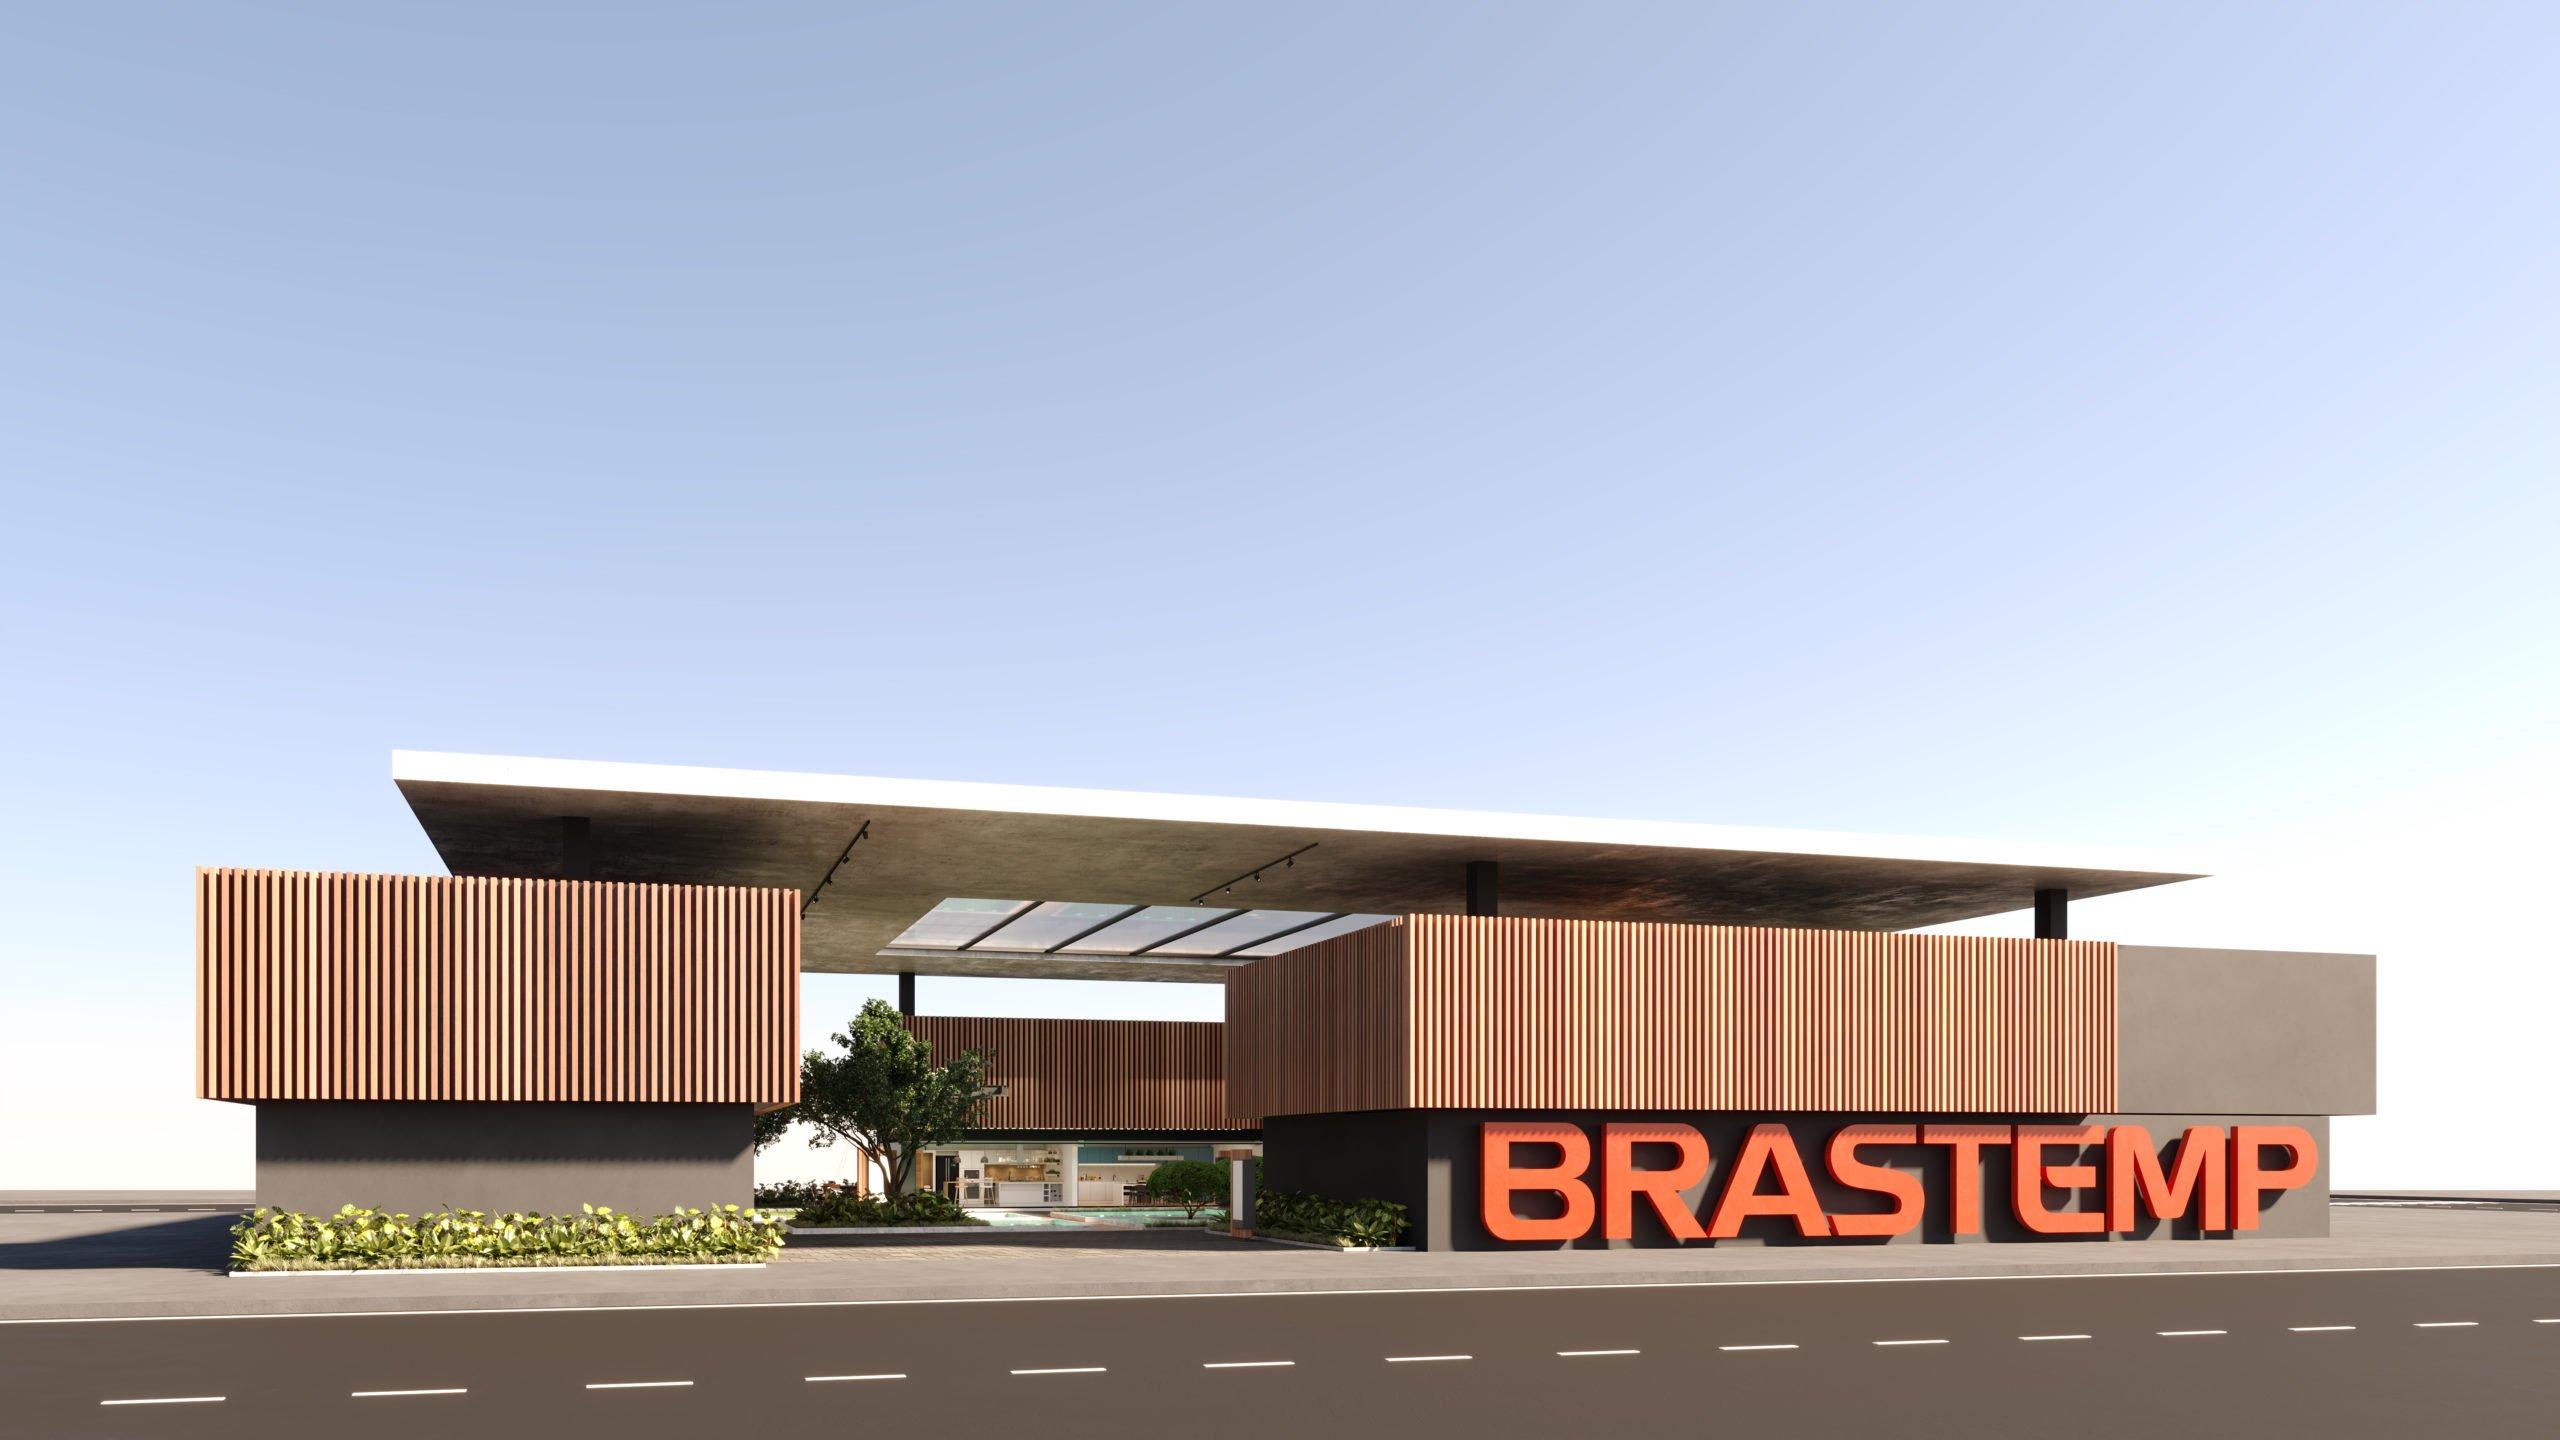 Casa Brastemp: marca apresenta ação inédita de promoção interativa para os consumidores